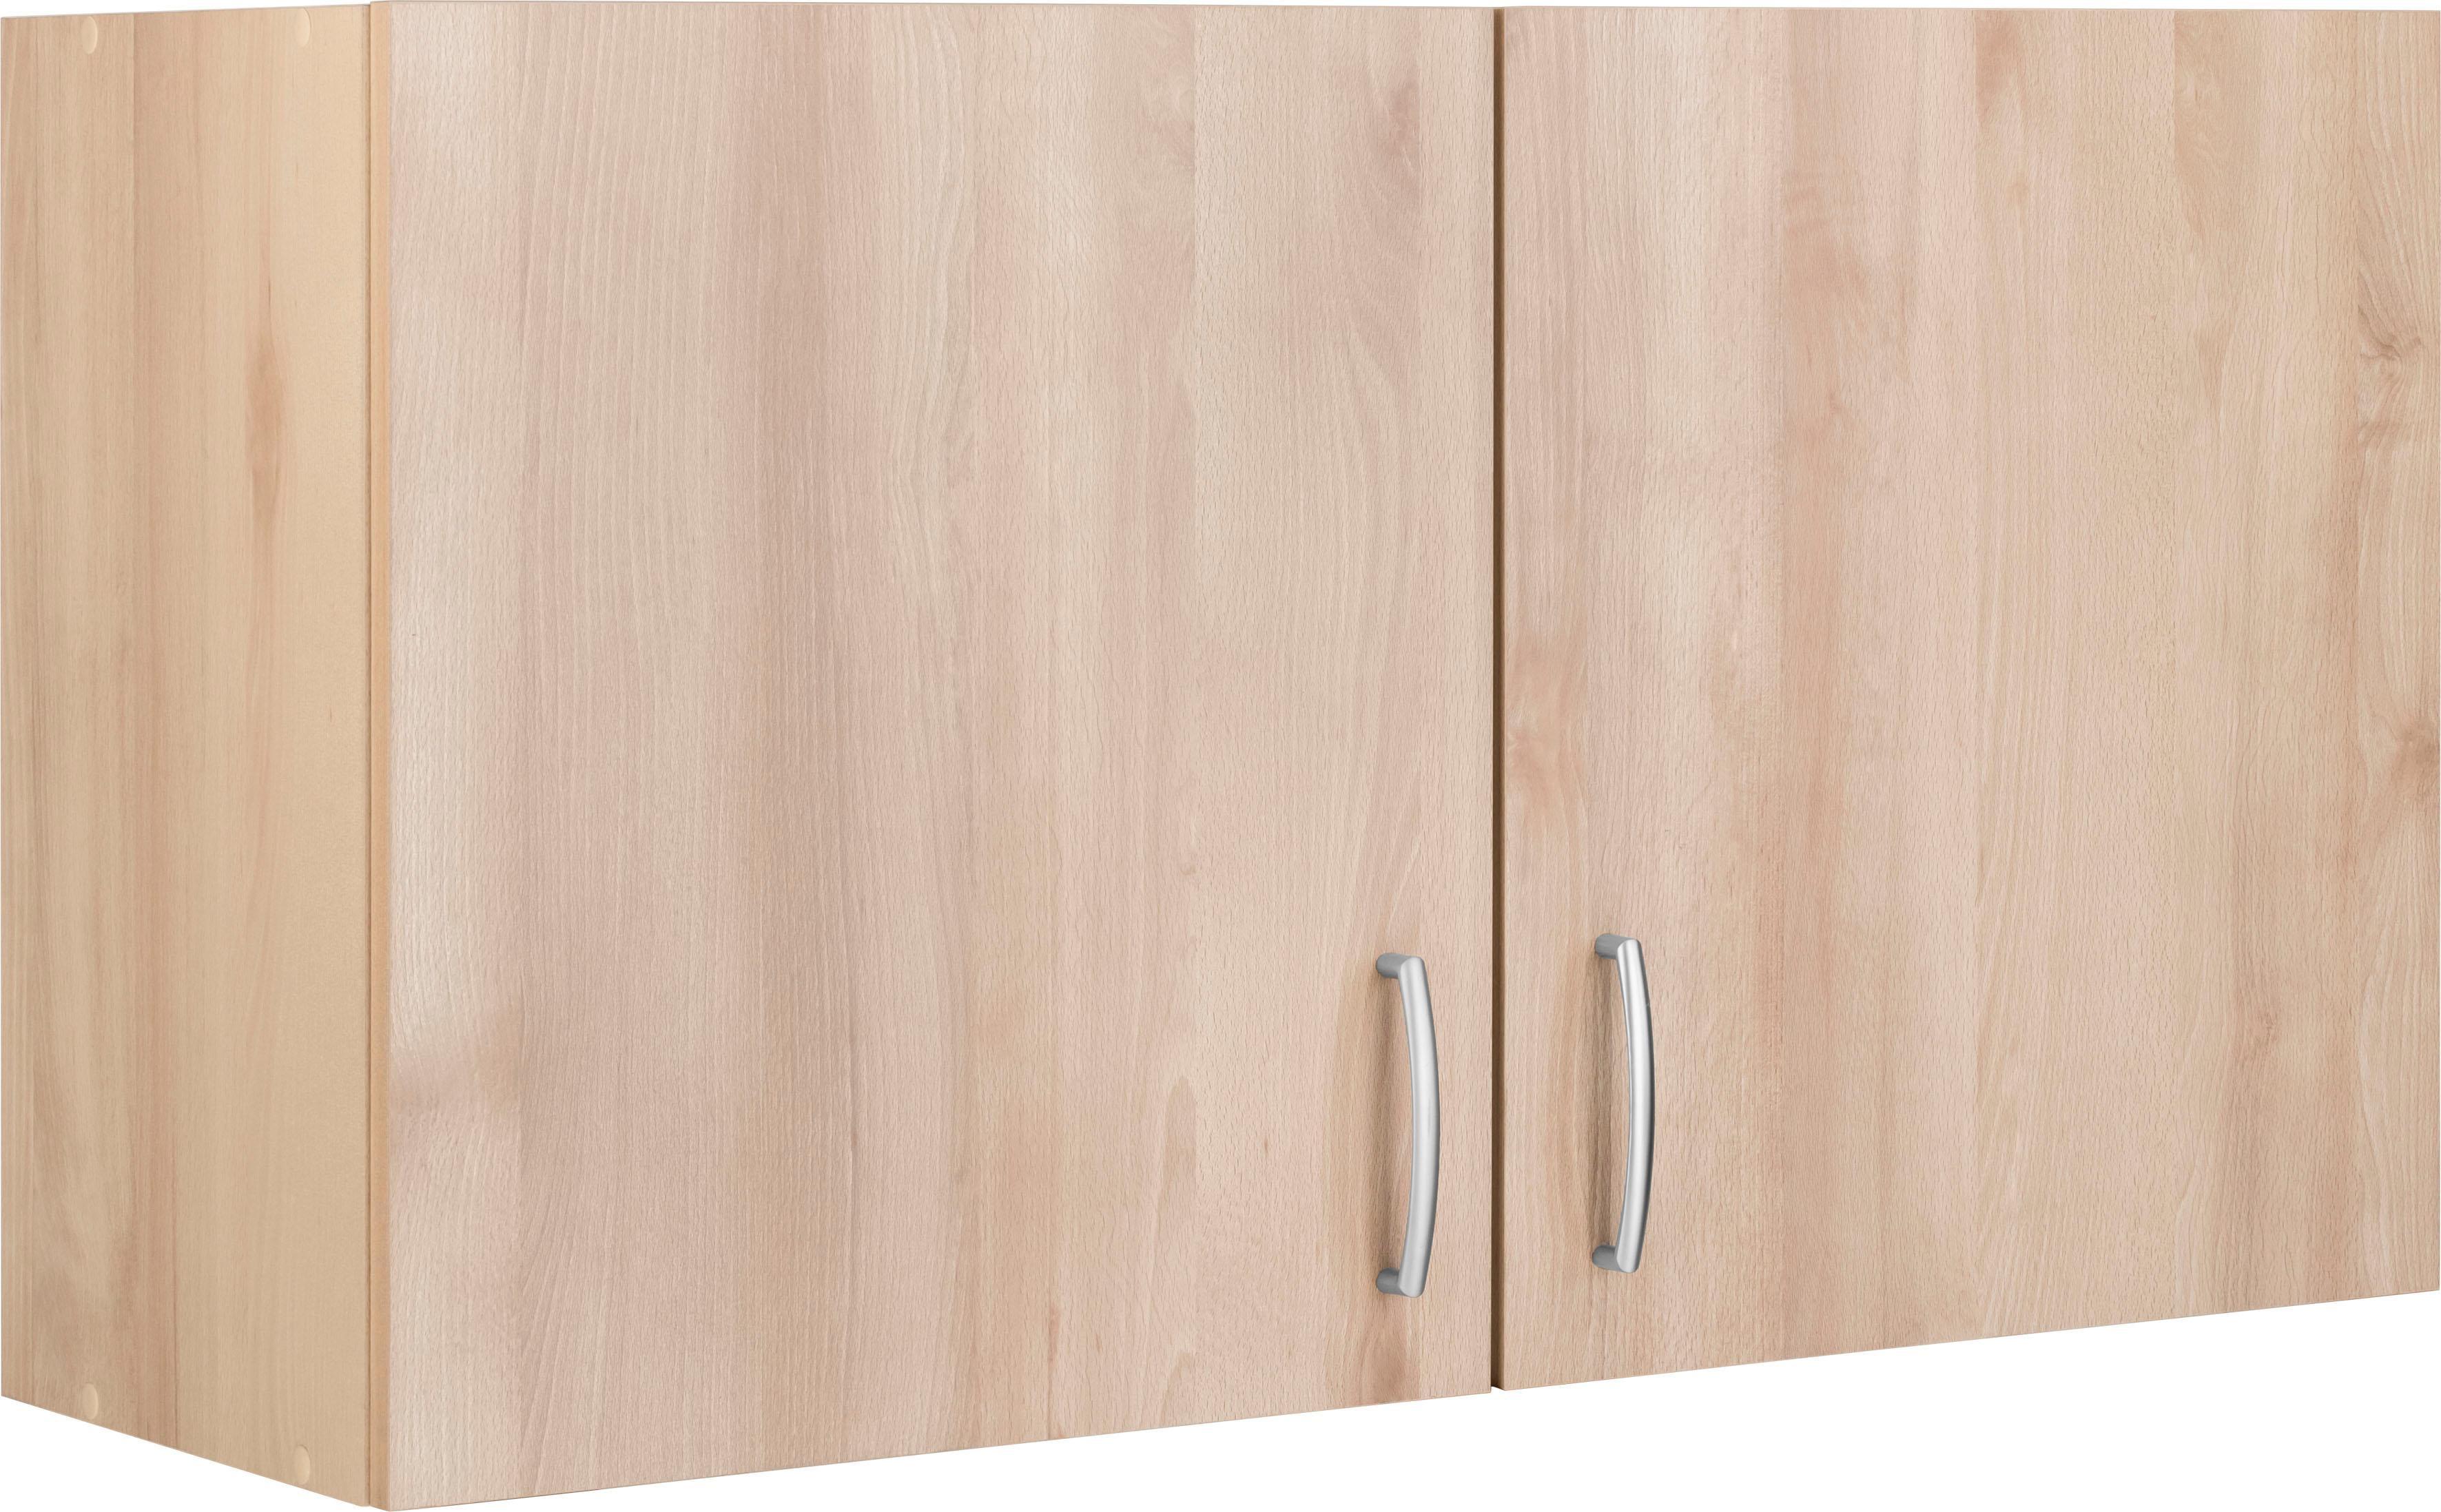 Küchen Hängeschränke Online Kaufen Möbel Suchmaschine Ladendirektde